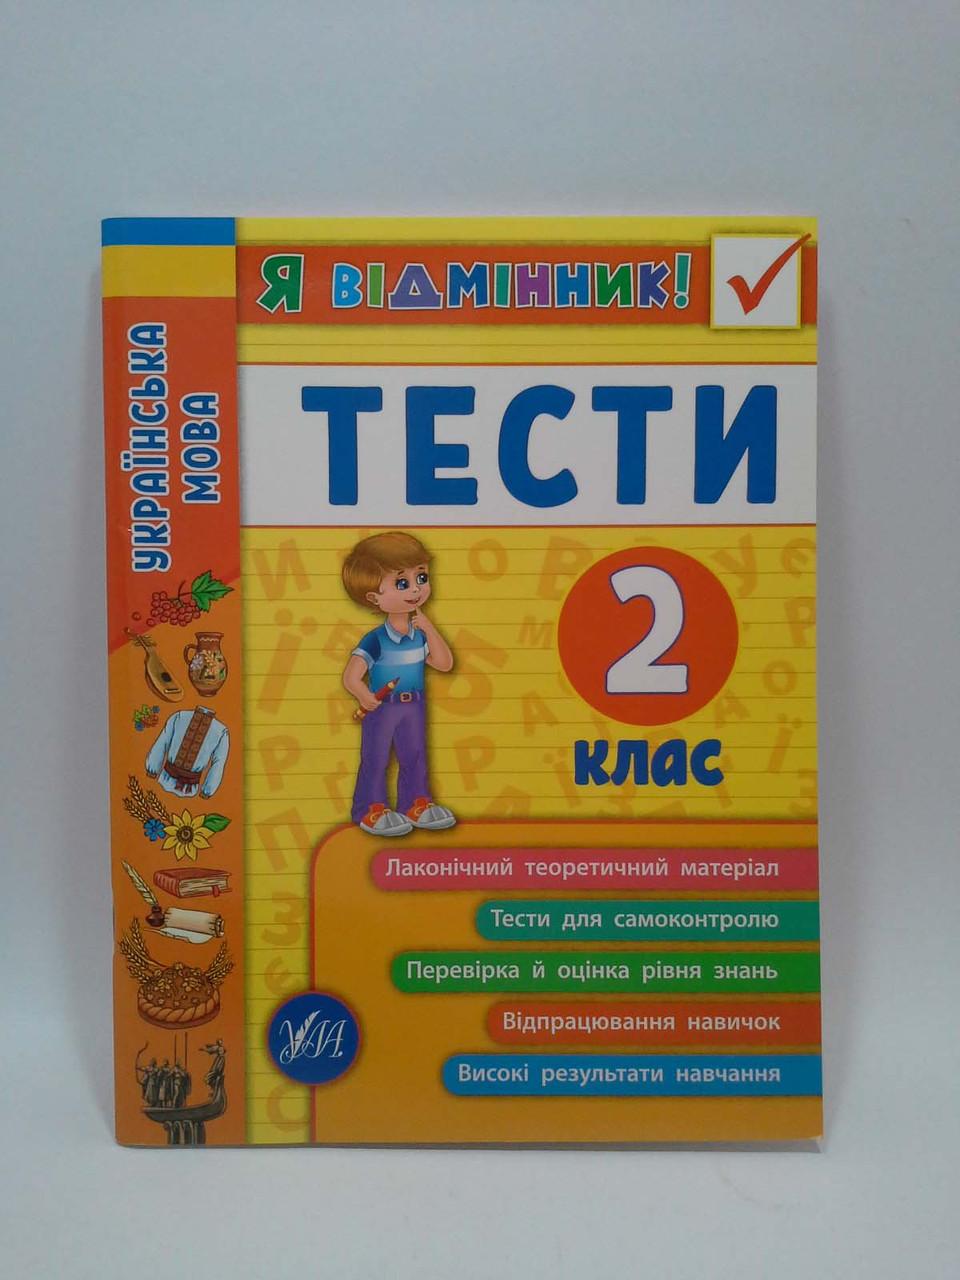 УЛА Я відмінник Укр мова Тести 002 кл